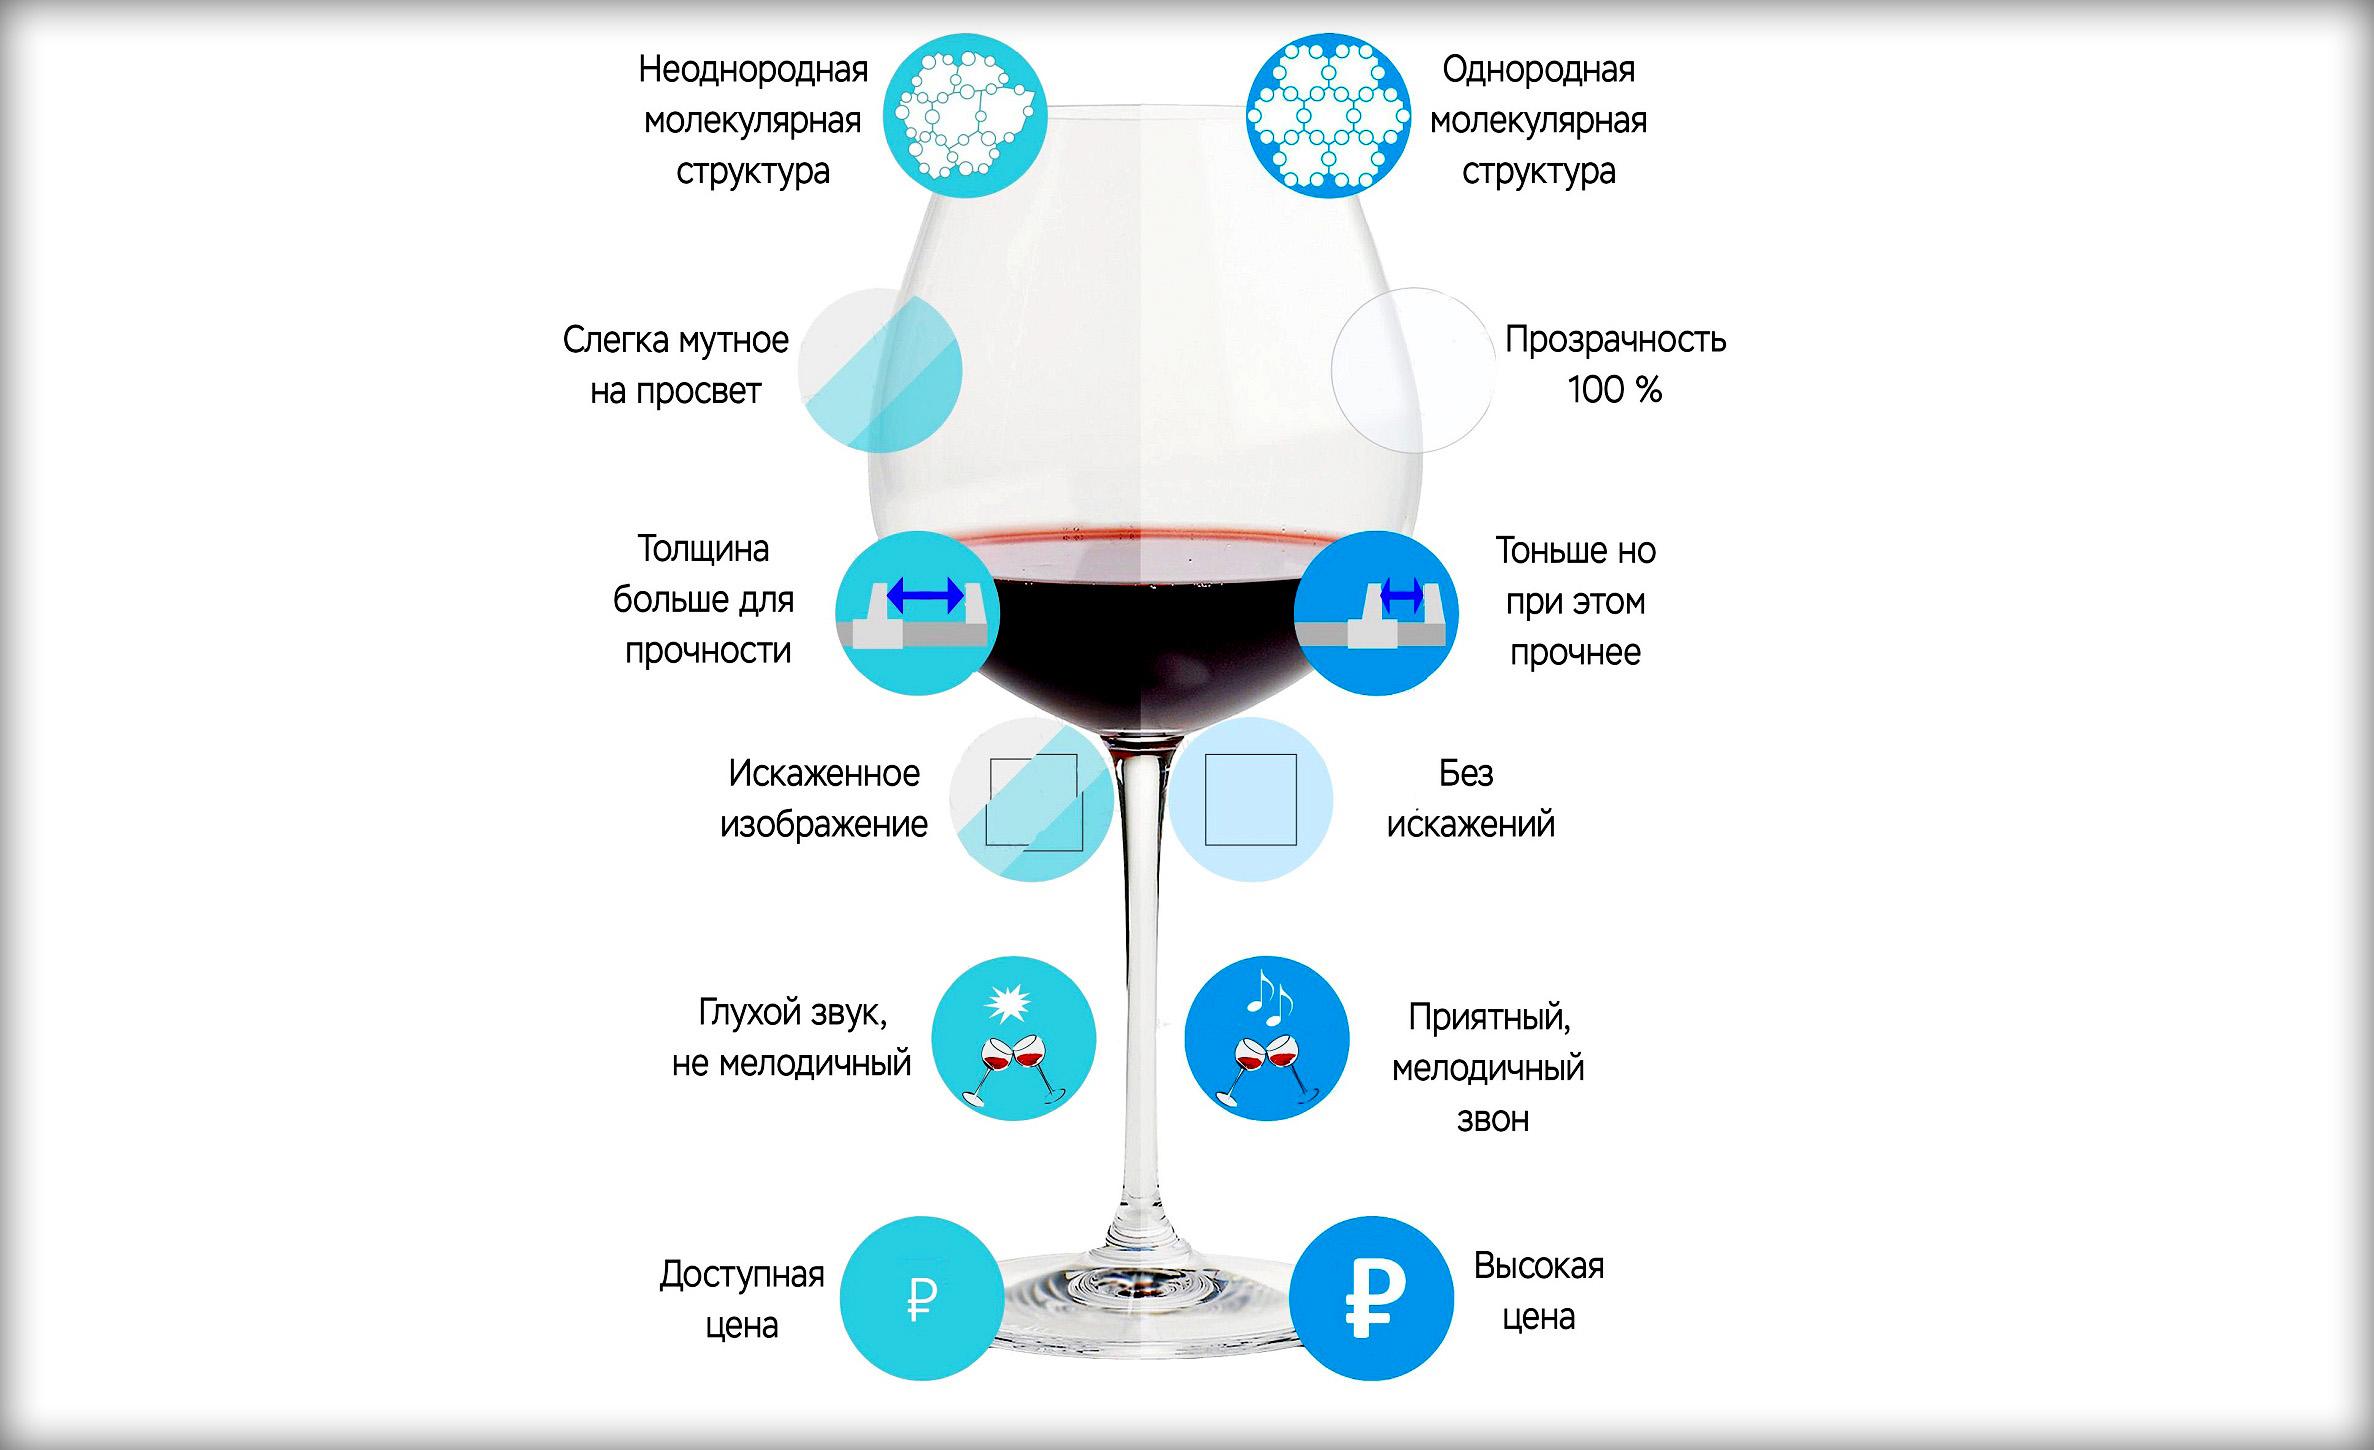 Чем отличается хрусталь от стекла? Наука